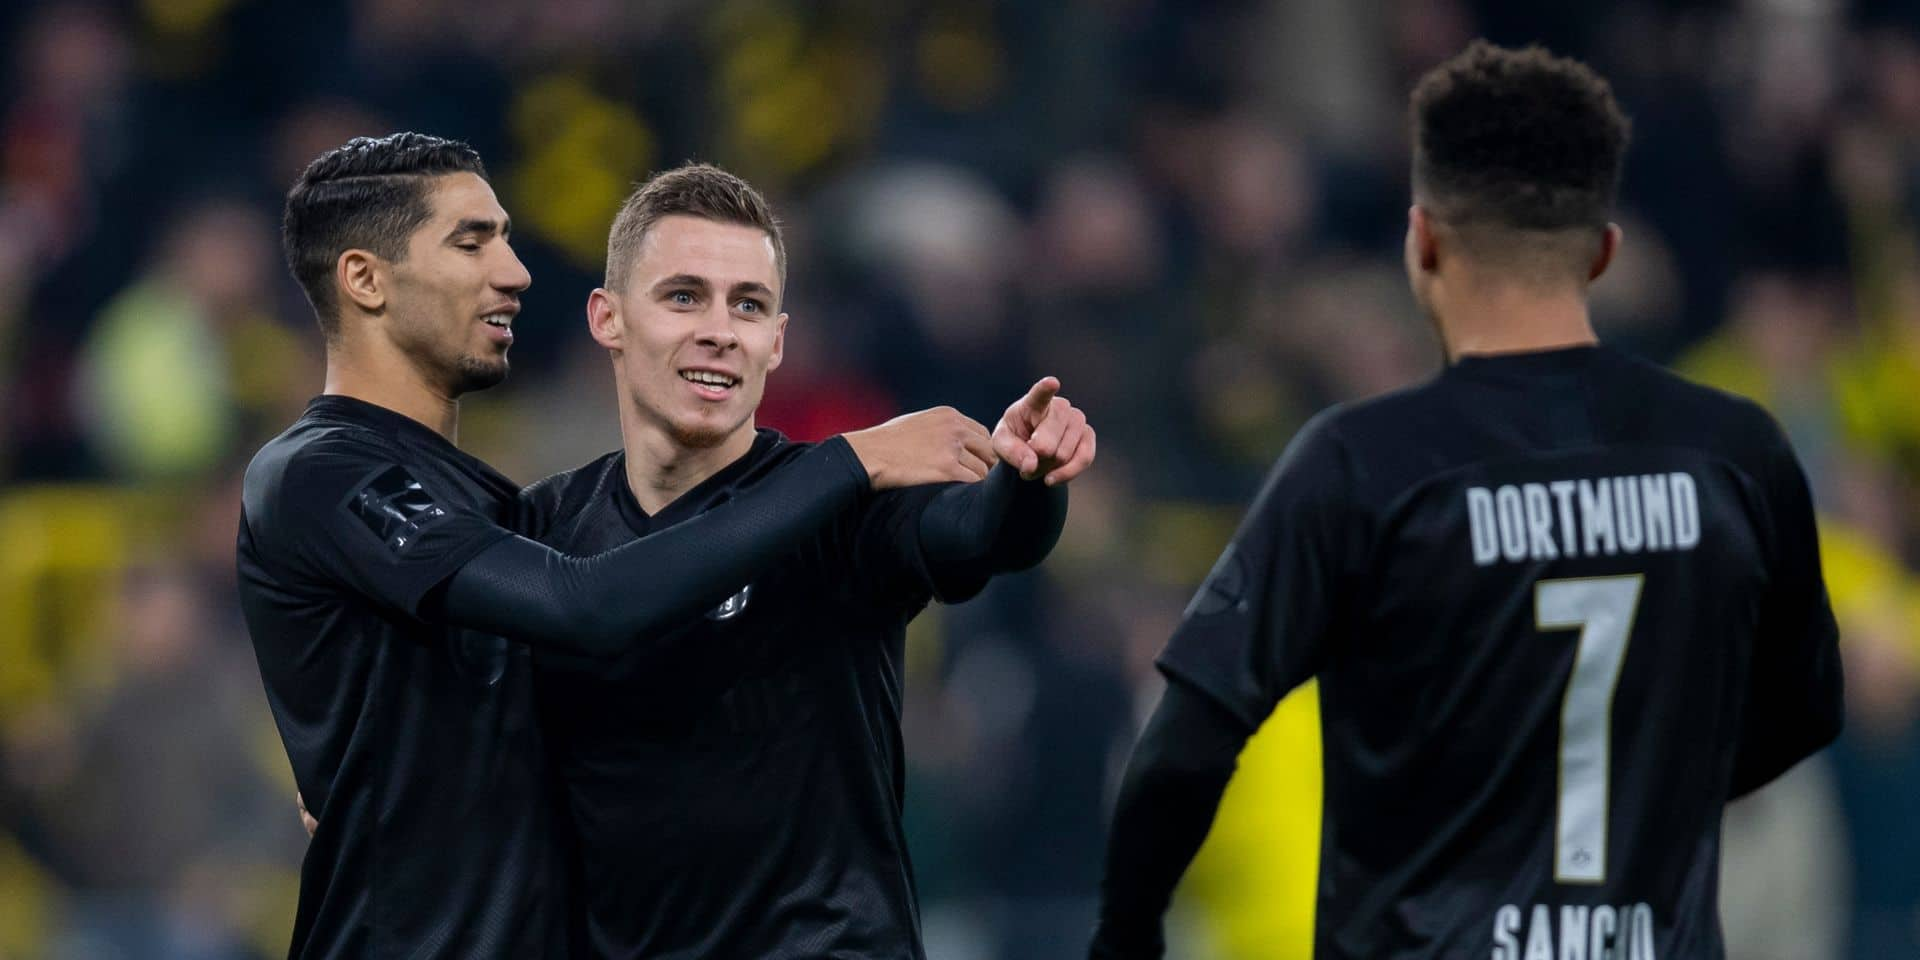 Thorgan Hazard, l'avant régulier du Borussia Dortmund